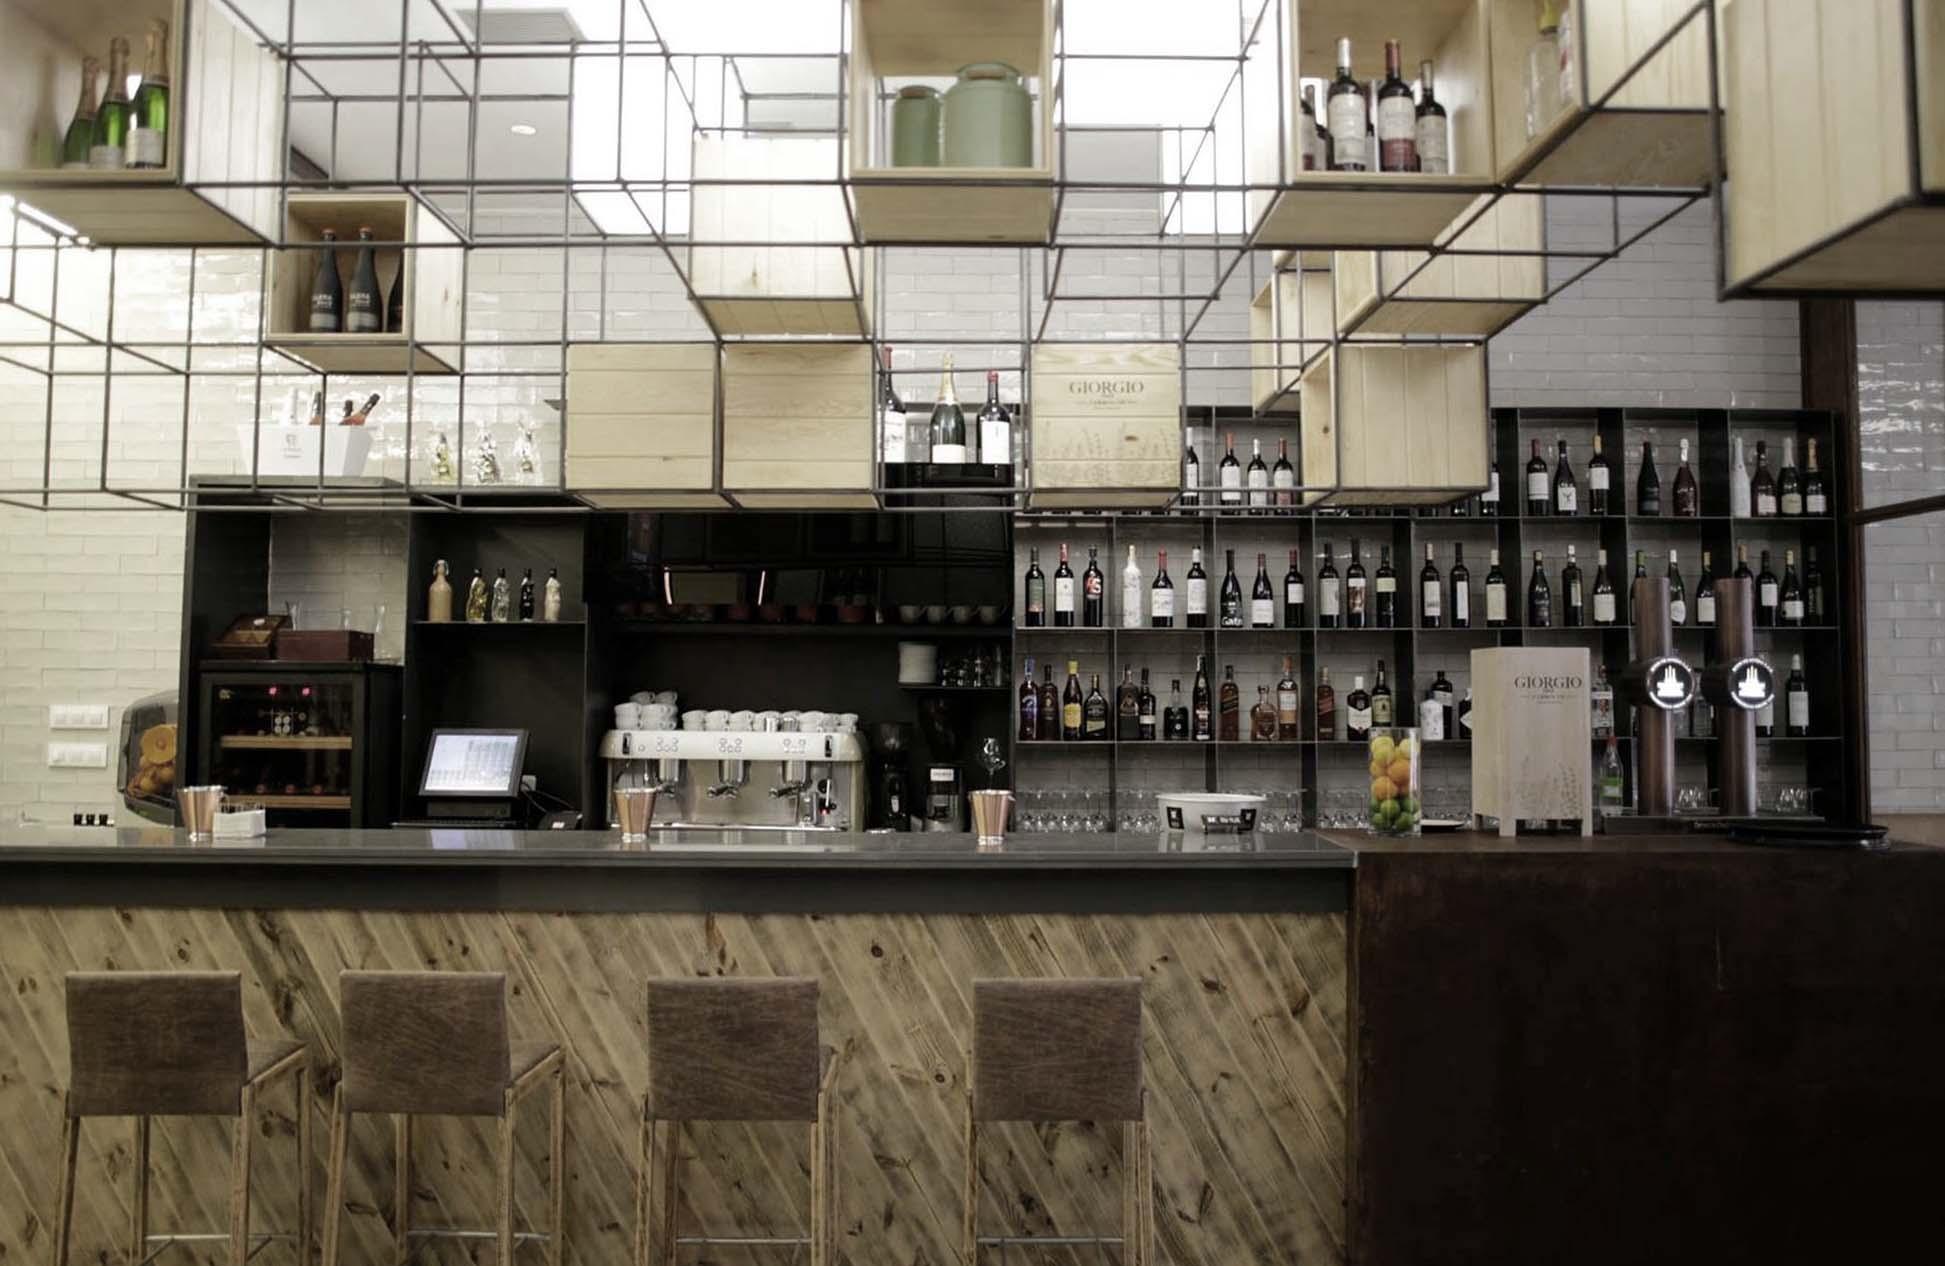 Restaurante vinoteca casa pilar a coru a oscar santom - Diseno de vinotecas ...